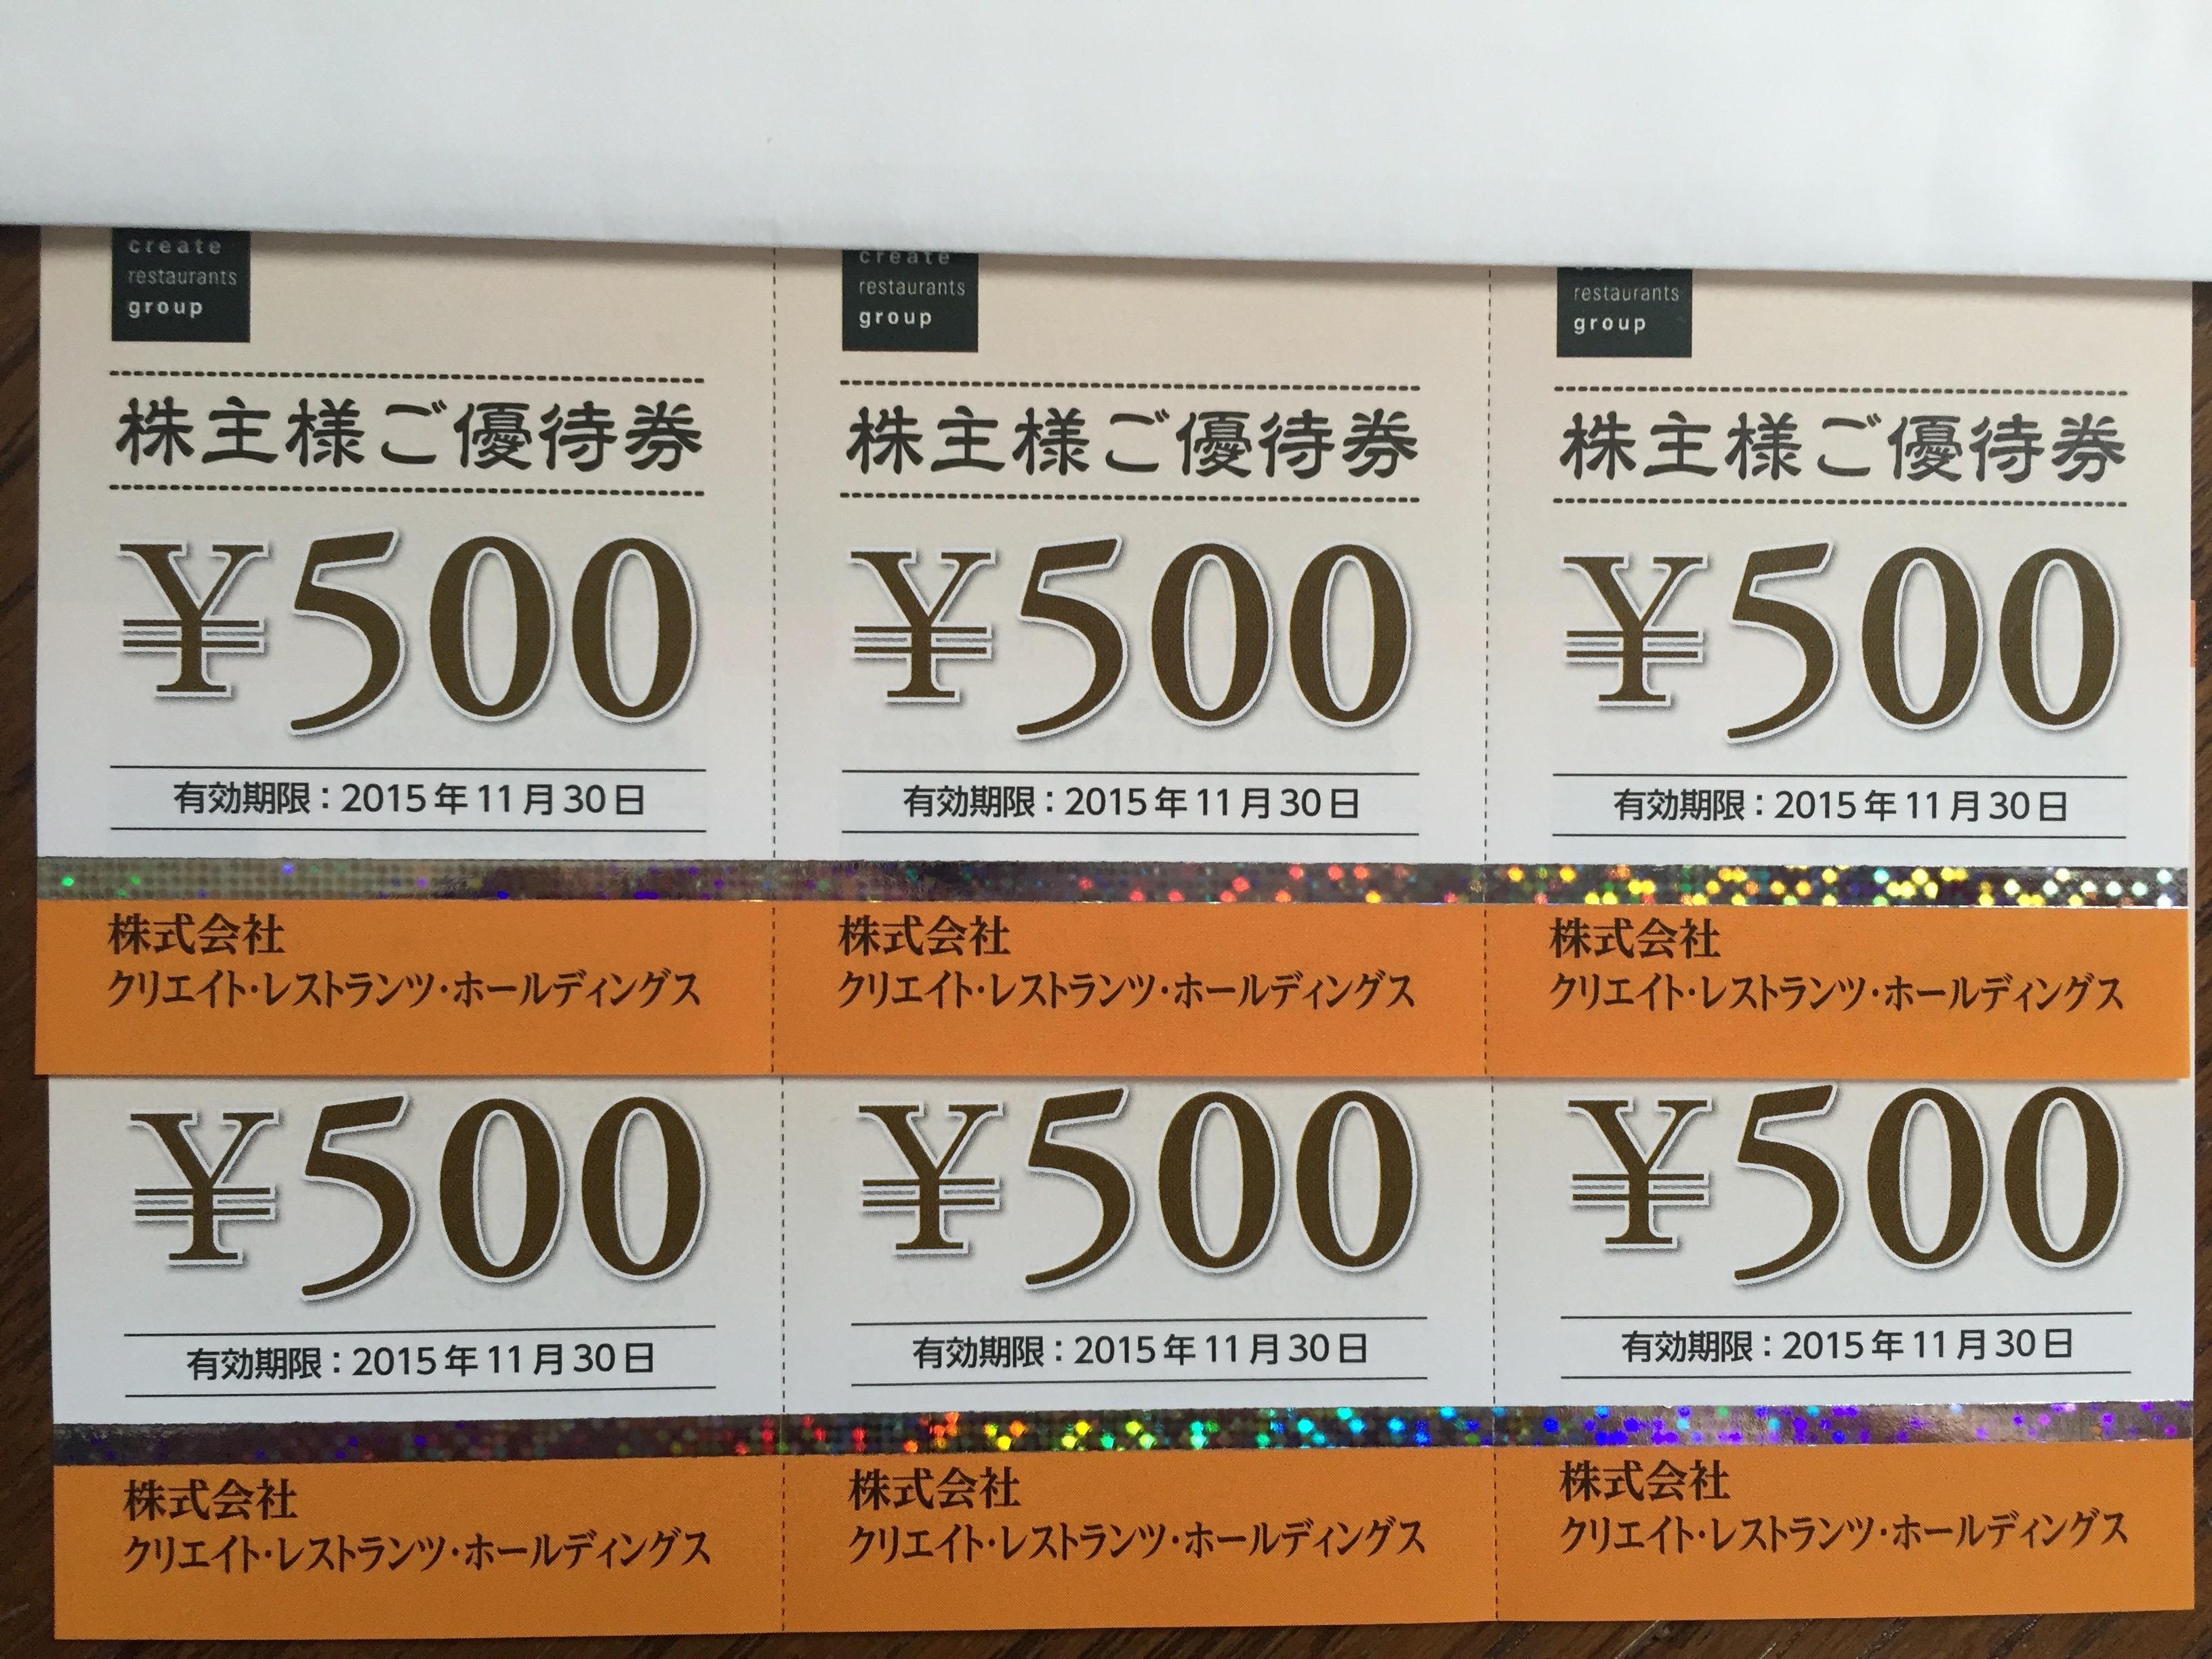 クリエイト・レストランツ・ホールディングス (3387) の店舗で使える株主優待が到着!!